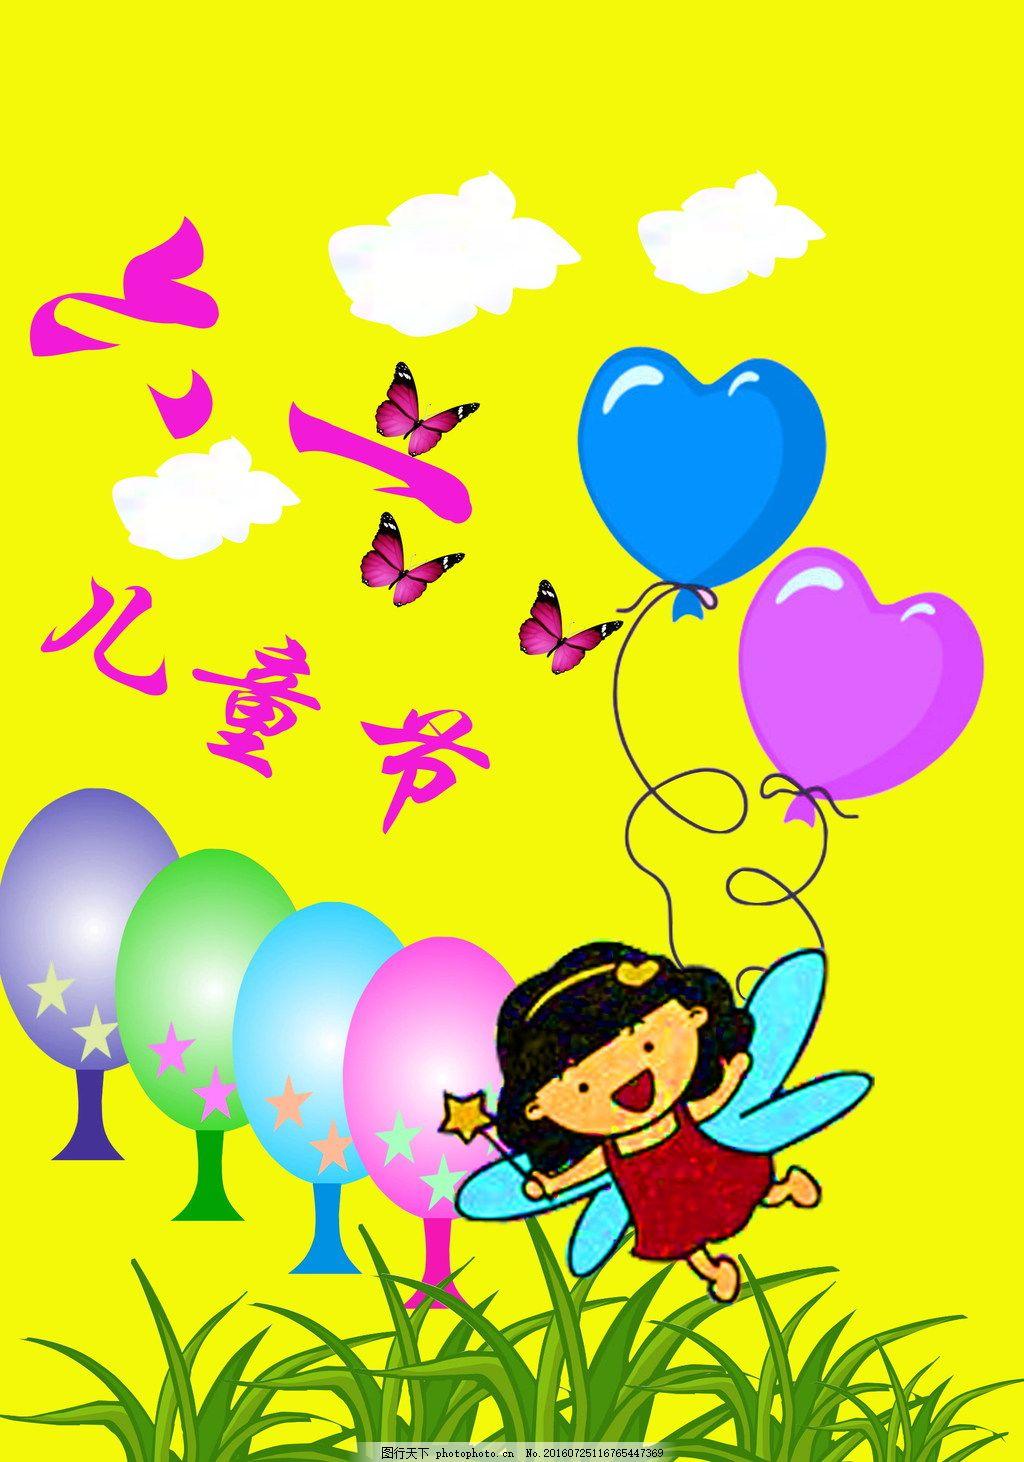 六一儿童节可爱的图画图片